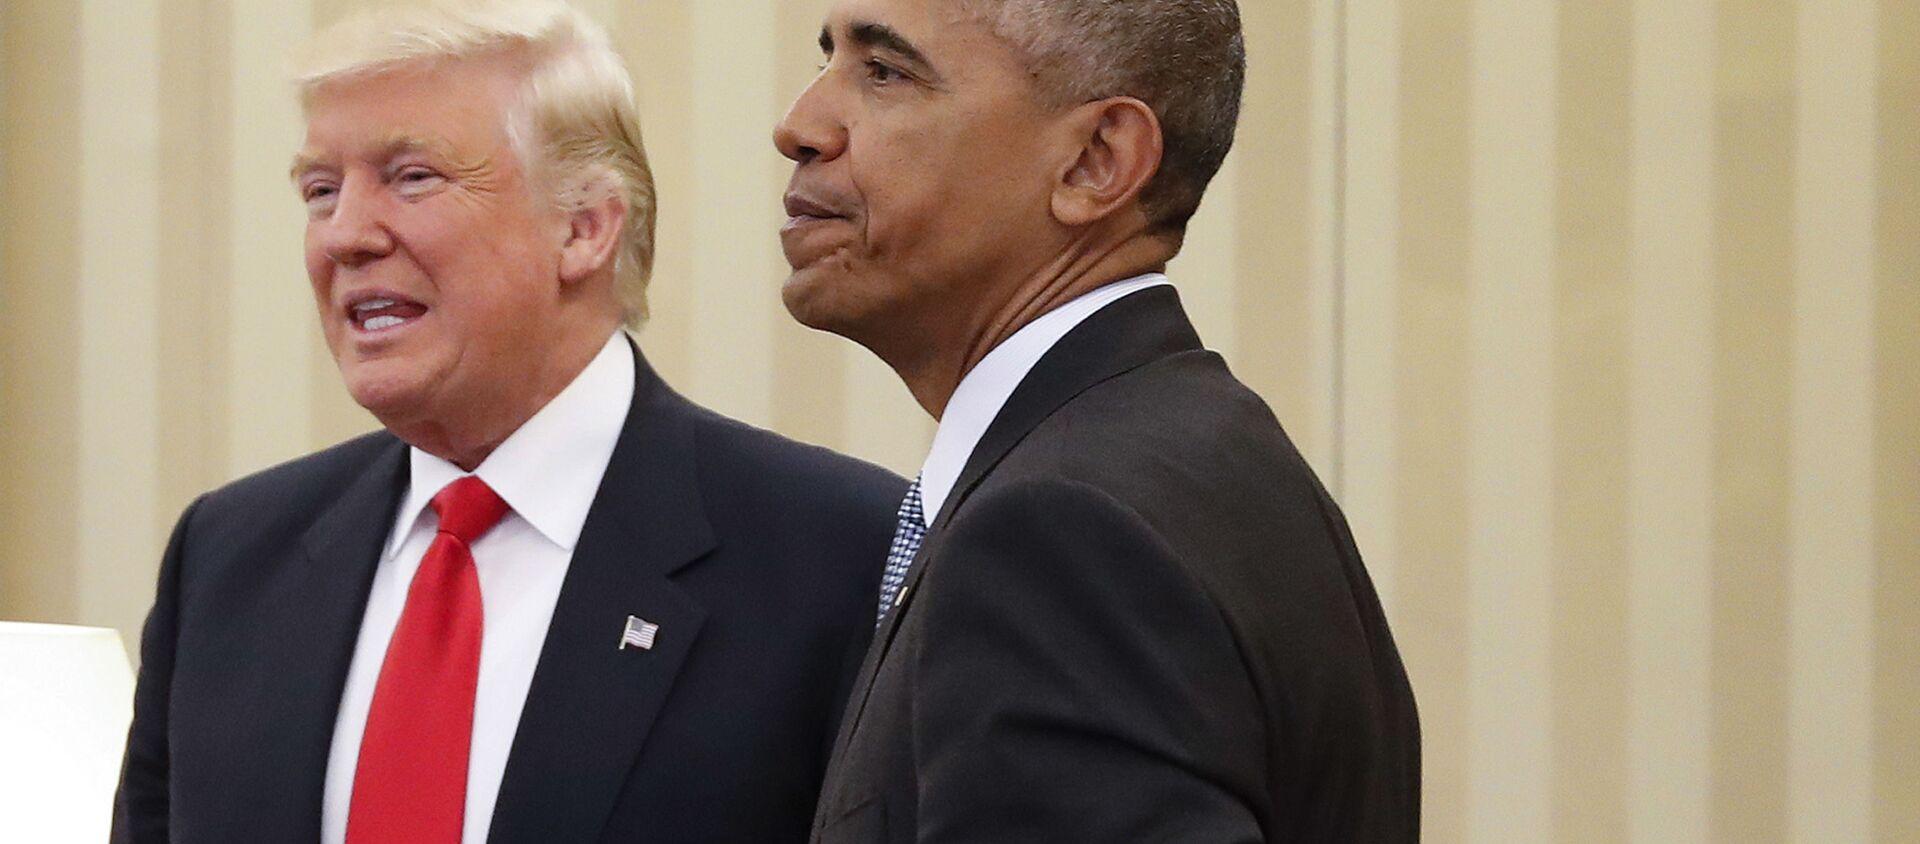 Tổng thống Hoa Kỳ Barack Obama và Tổng thống Hoa Kỳ mới đắc cử Donald Trump trong một cuộc gặp - Sputnik Việt Nam, 1920, 22.10.2020